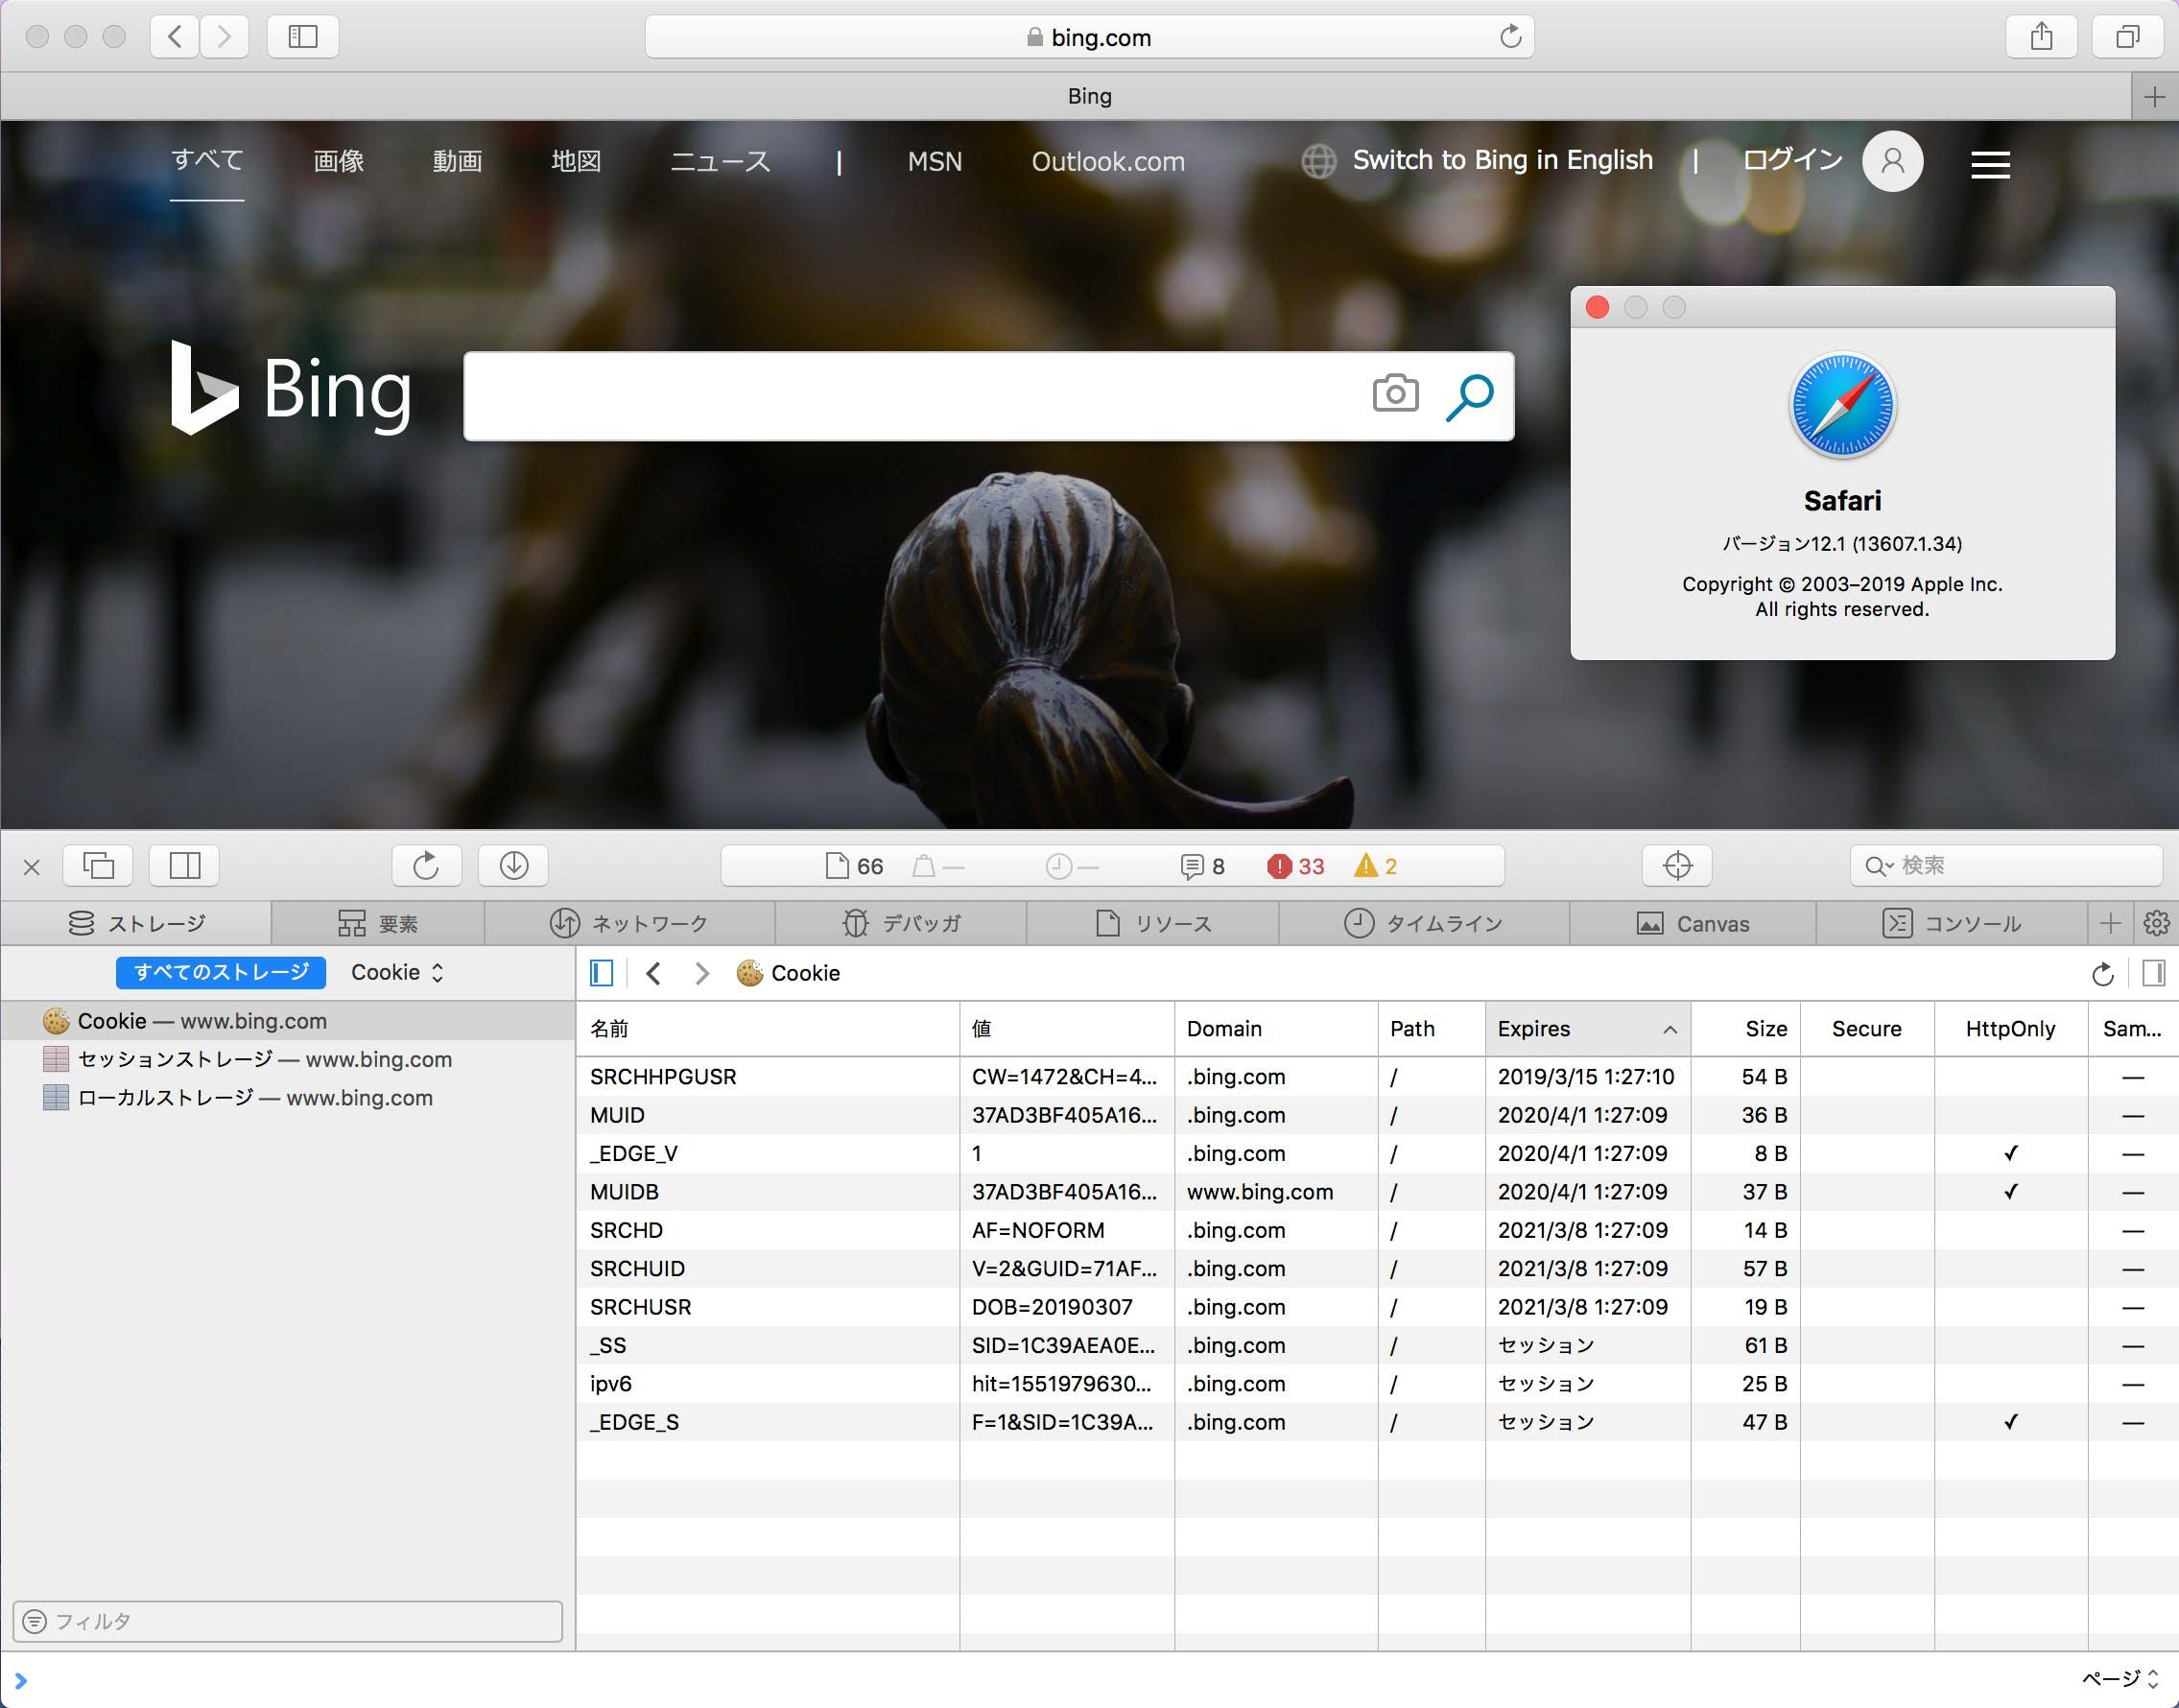 Safari12.1set-cookie.png